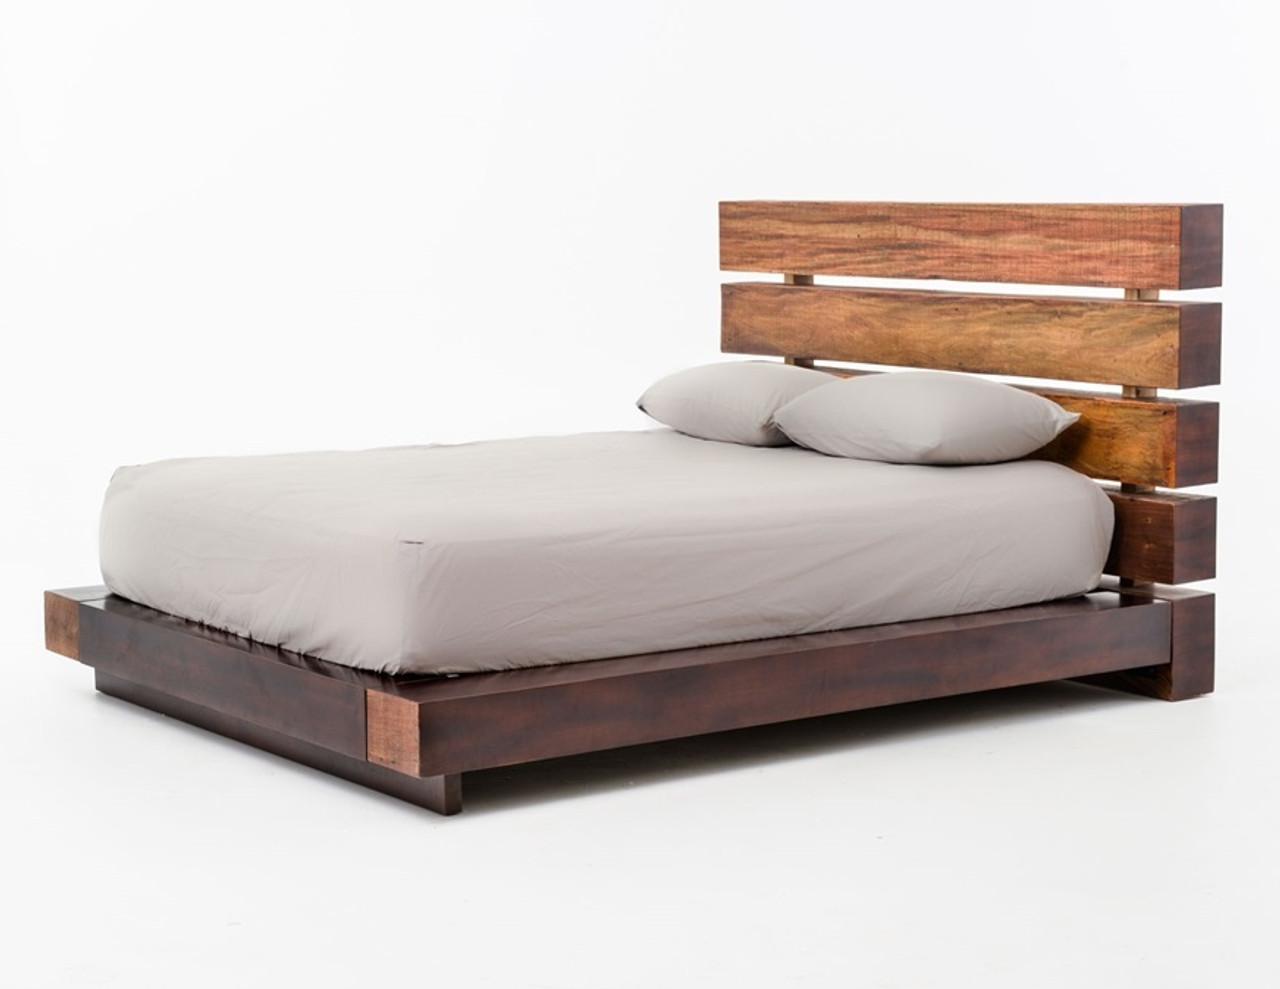 Bina Iggy Solid Wood Queen Platform Bed Frame | Zin Home